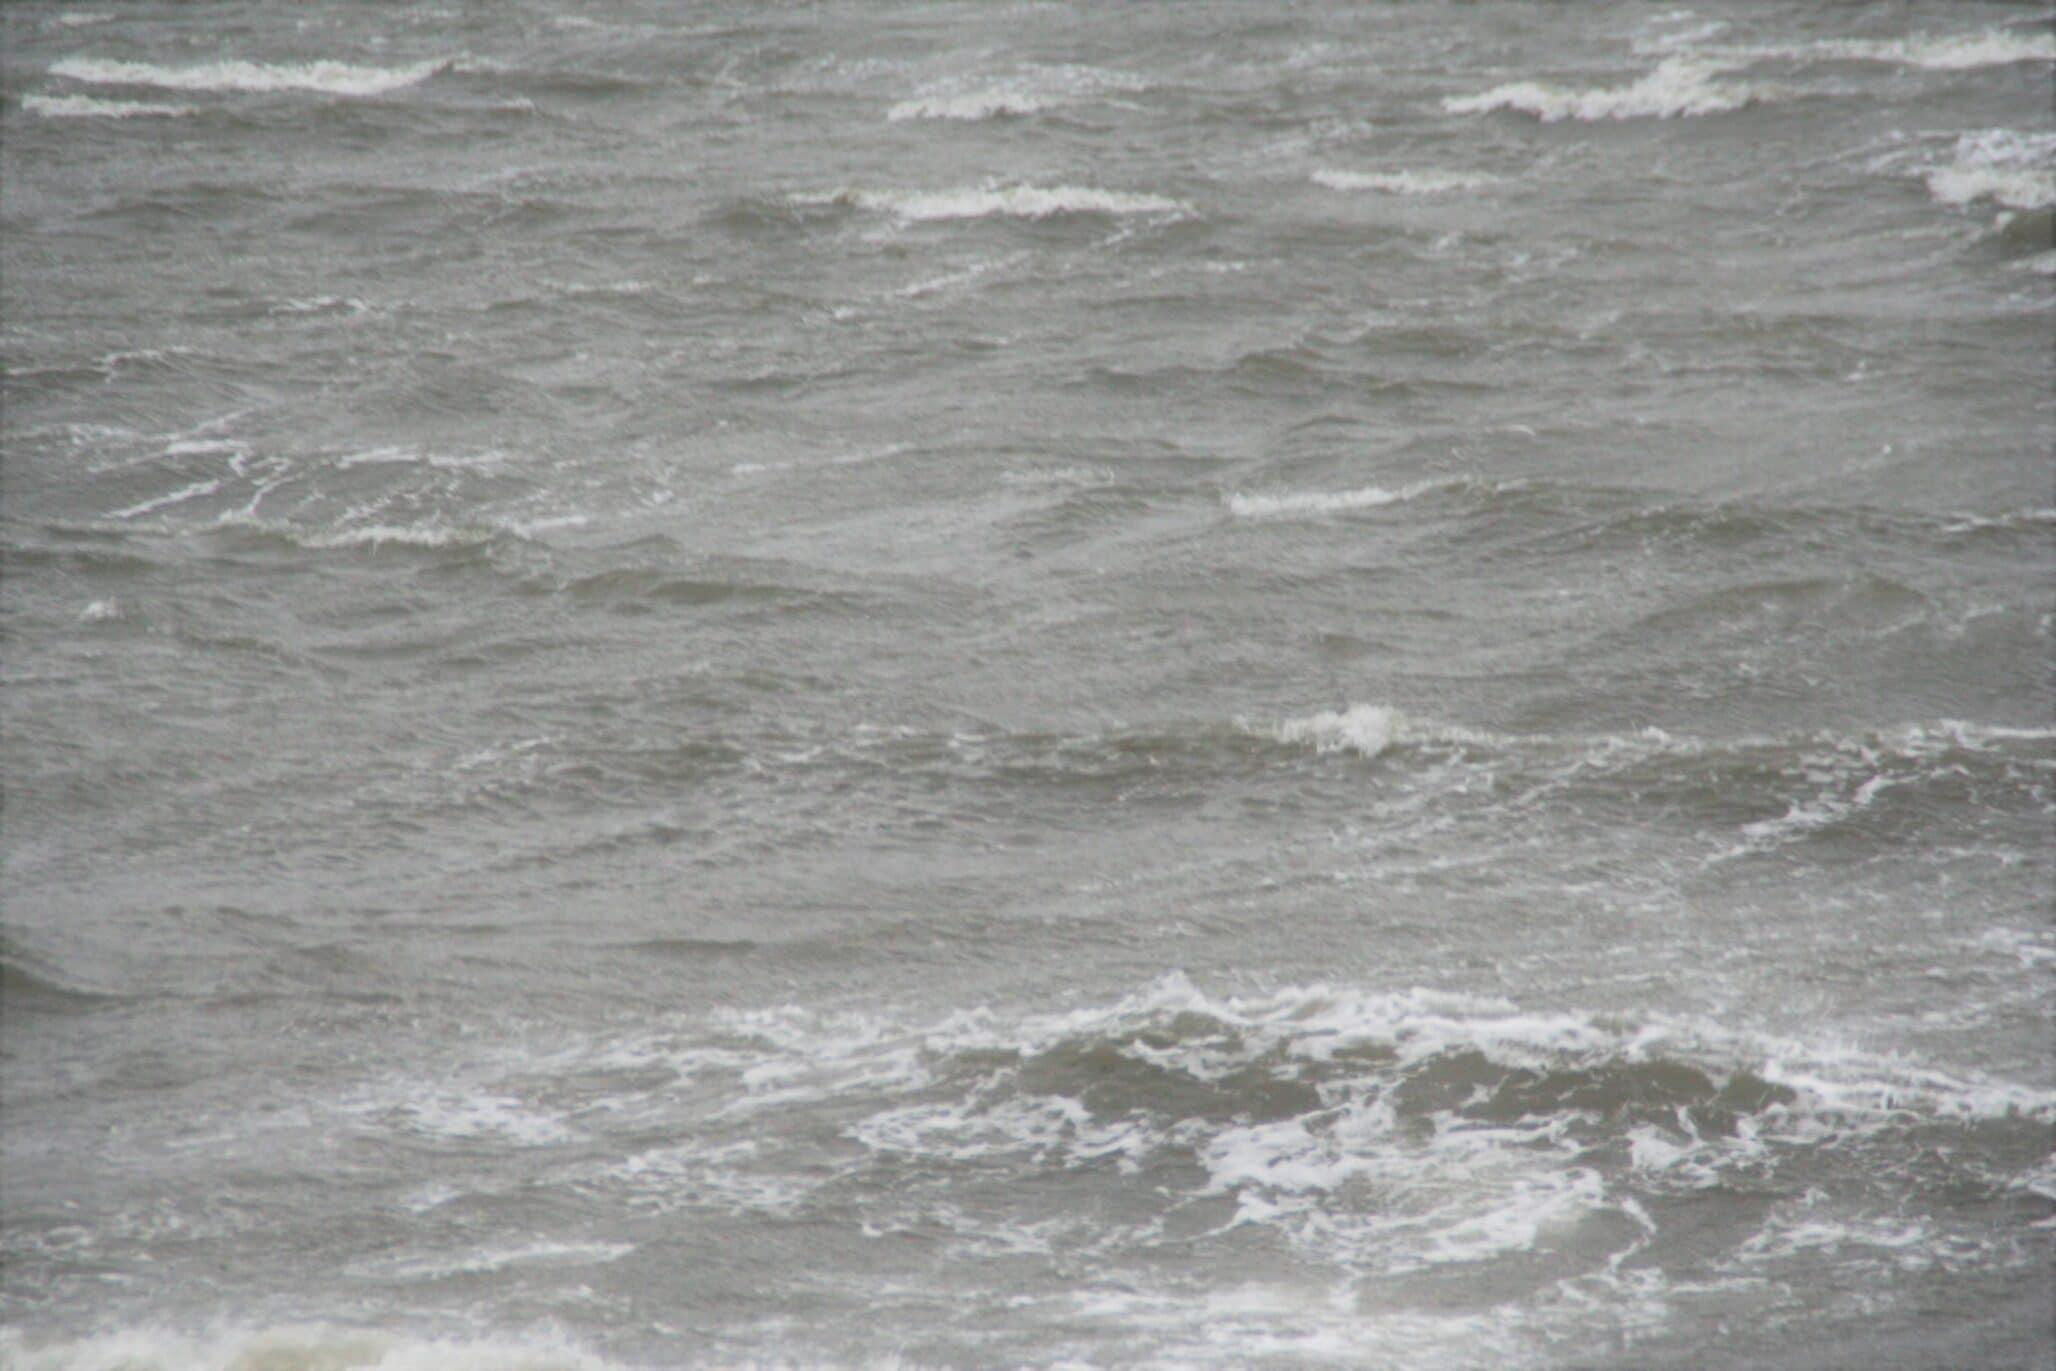 Zeespiegel zal sneller stijgen dan is aangenomen